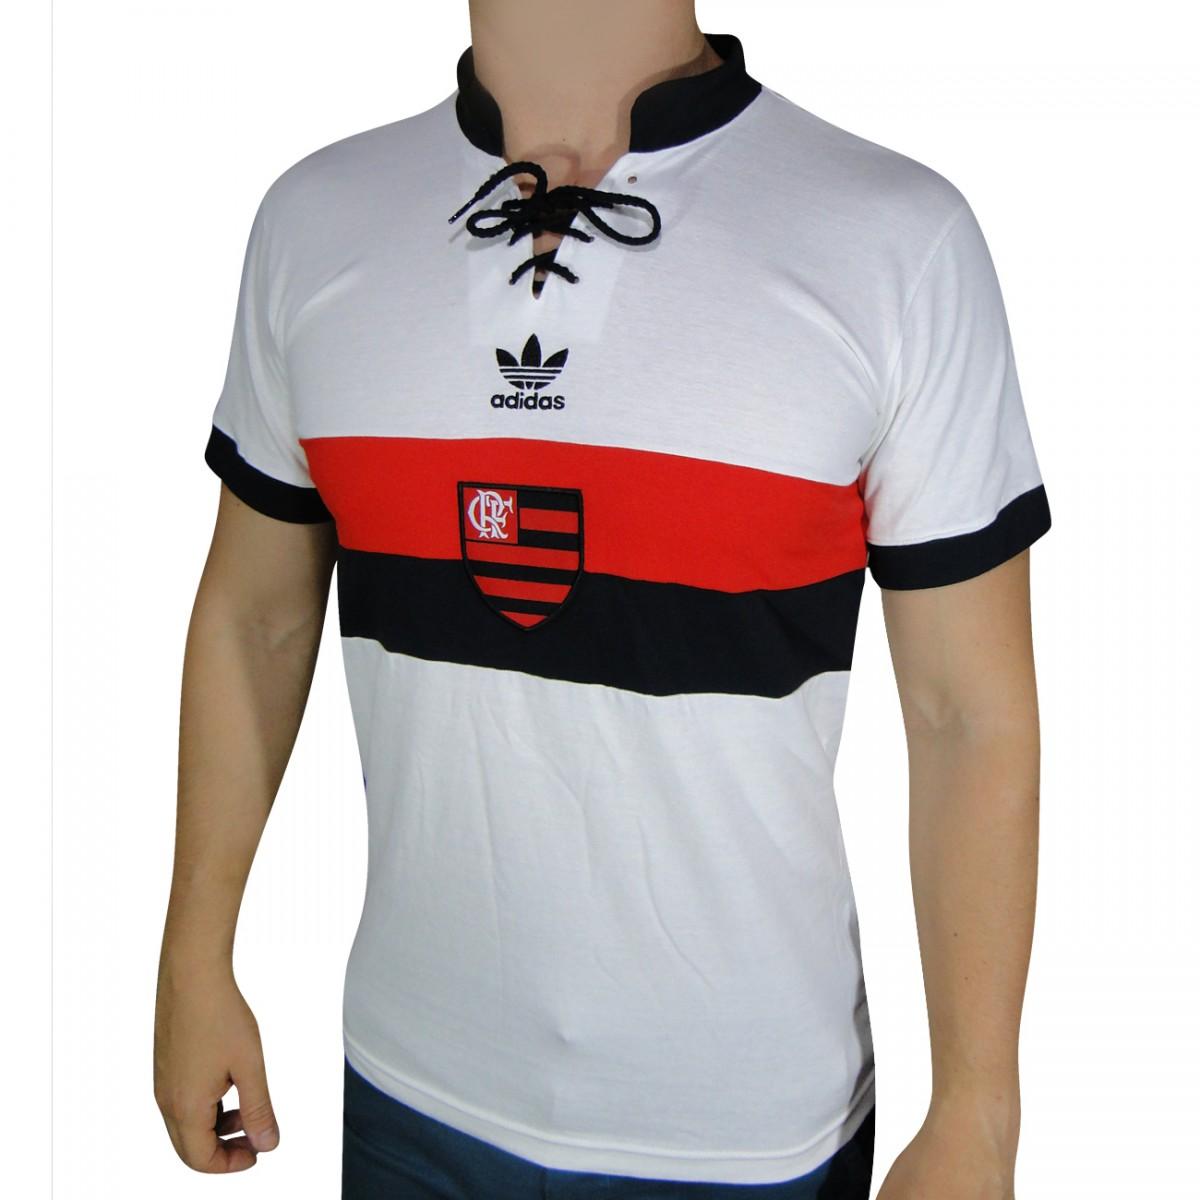 77633a00c53 Camisa Adidas Flamengo Retro S09183 - Branco - Chuteira Nike 170126181e57c